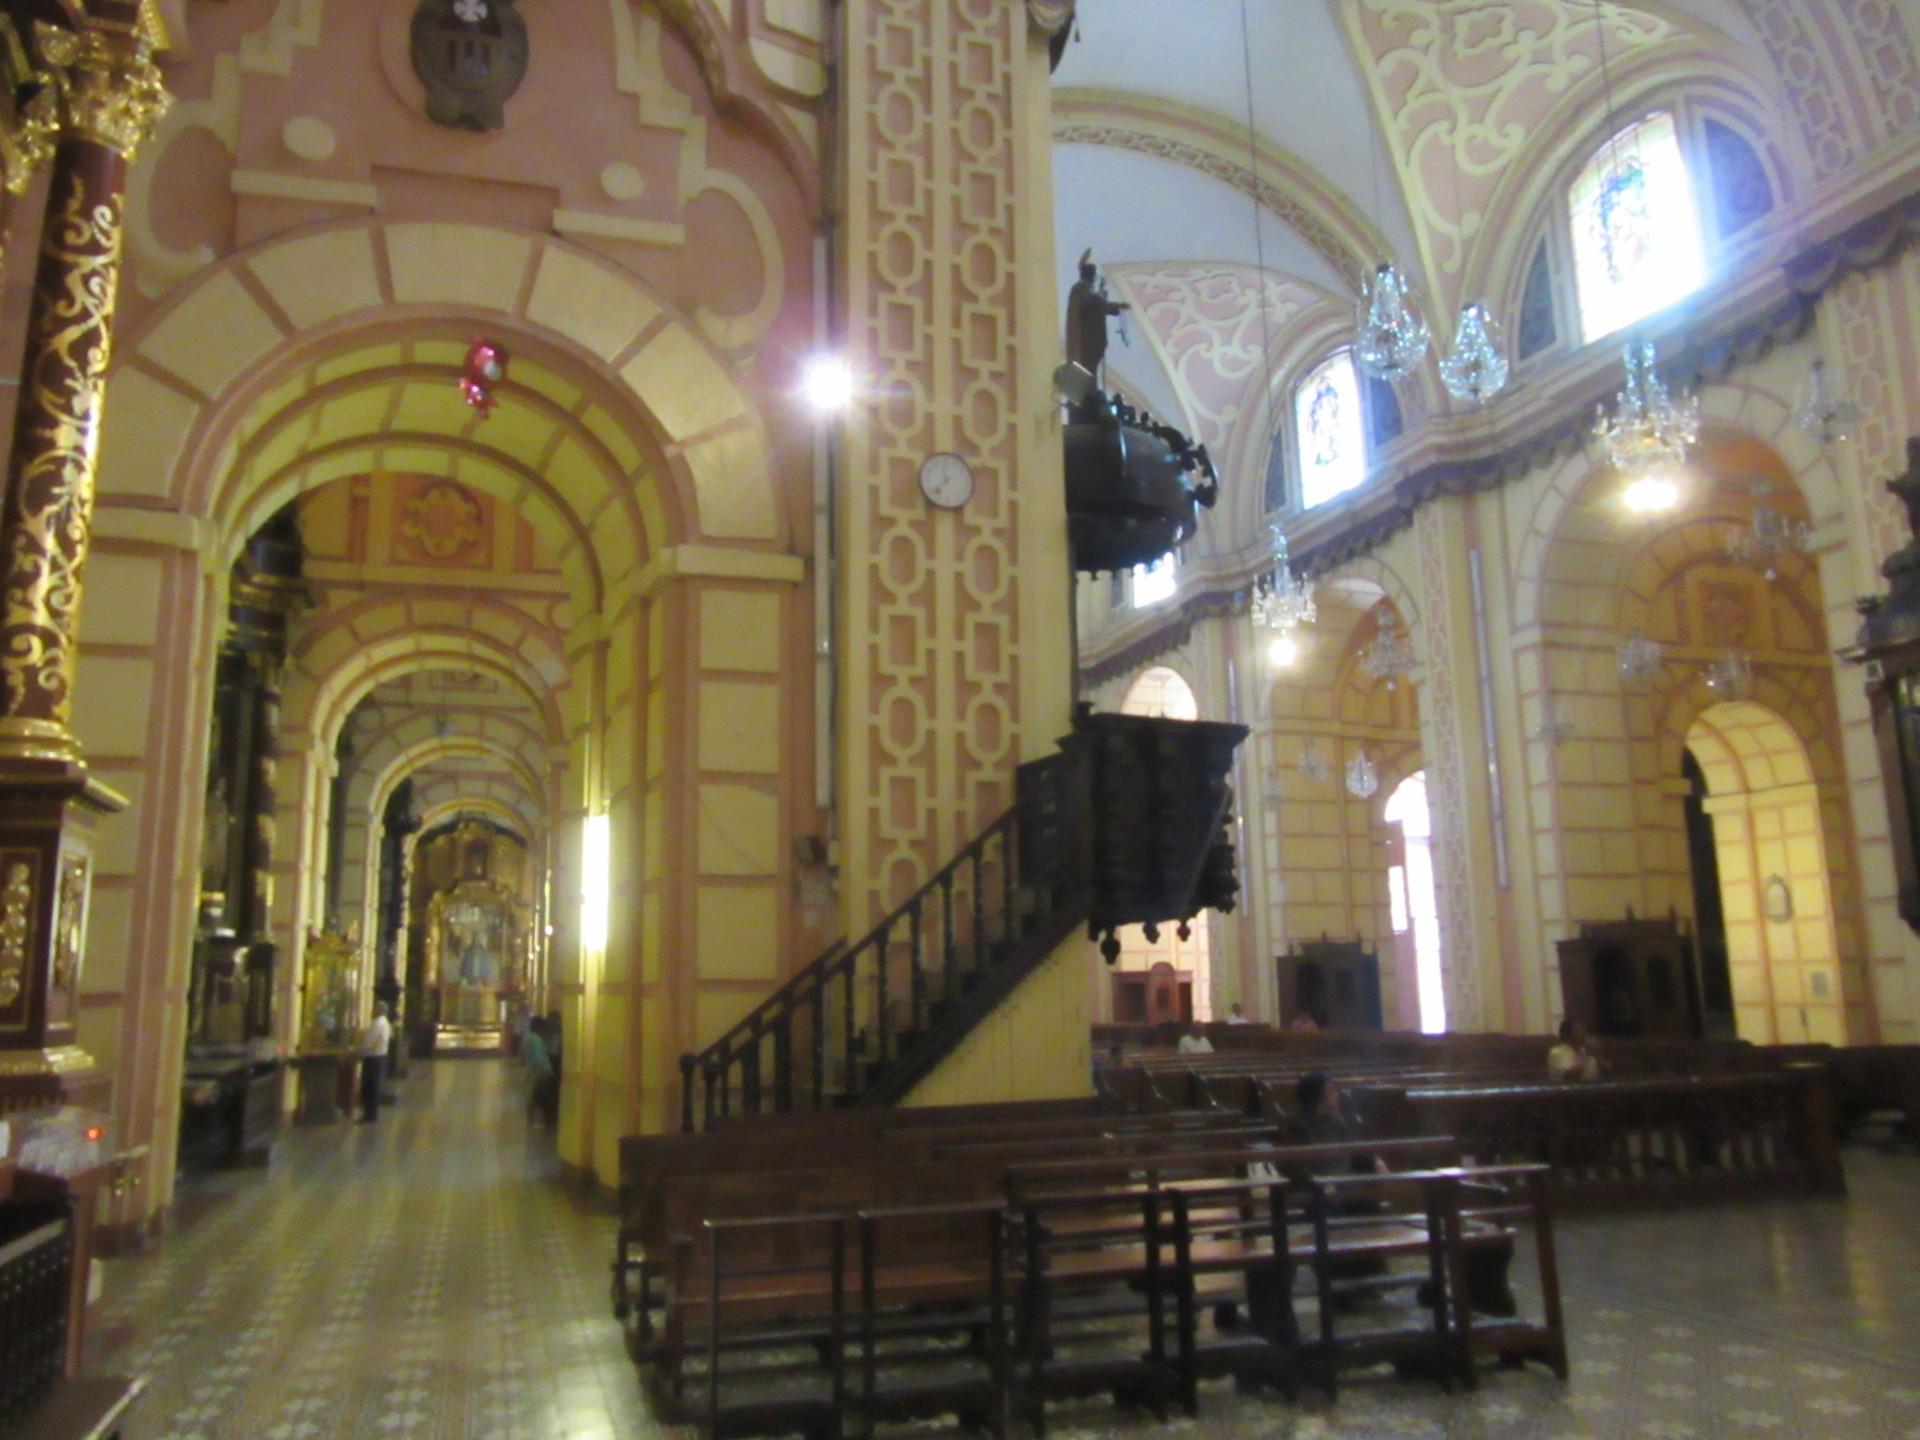 una-church-mas-481-anos-db00a58eedfd831